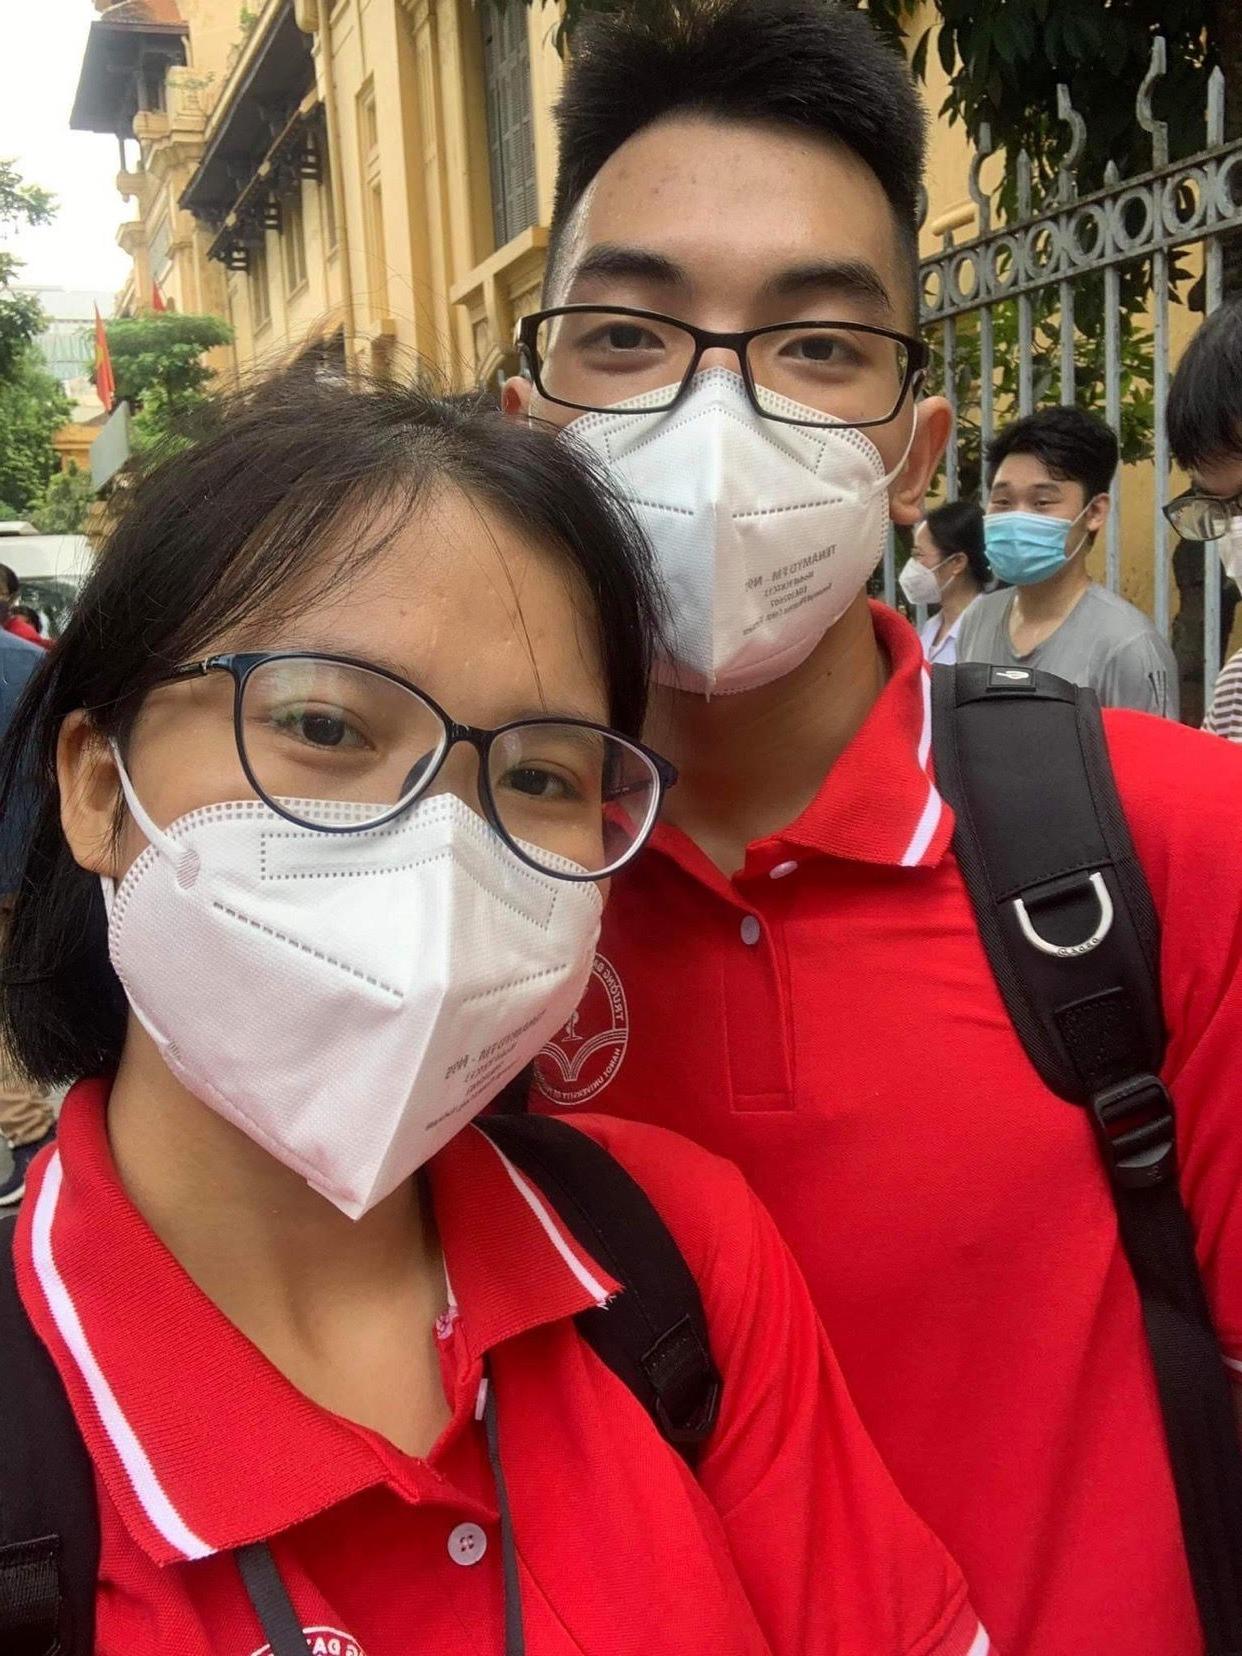 Cặp đôi nắm tay nhau vào Sài Gòn chống dịch, hẹn nhau về trước khi Hà Nội vào đông